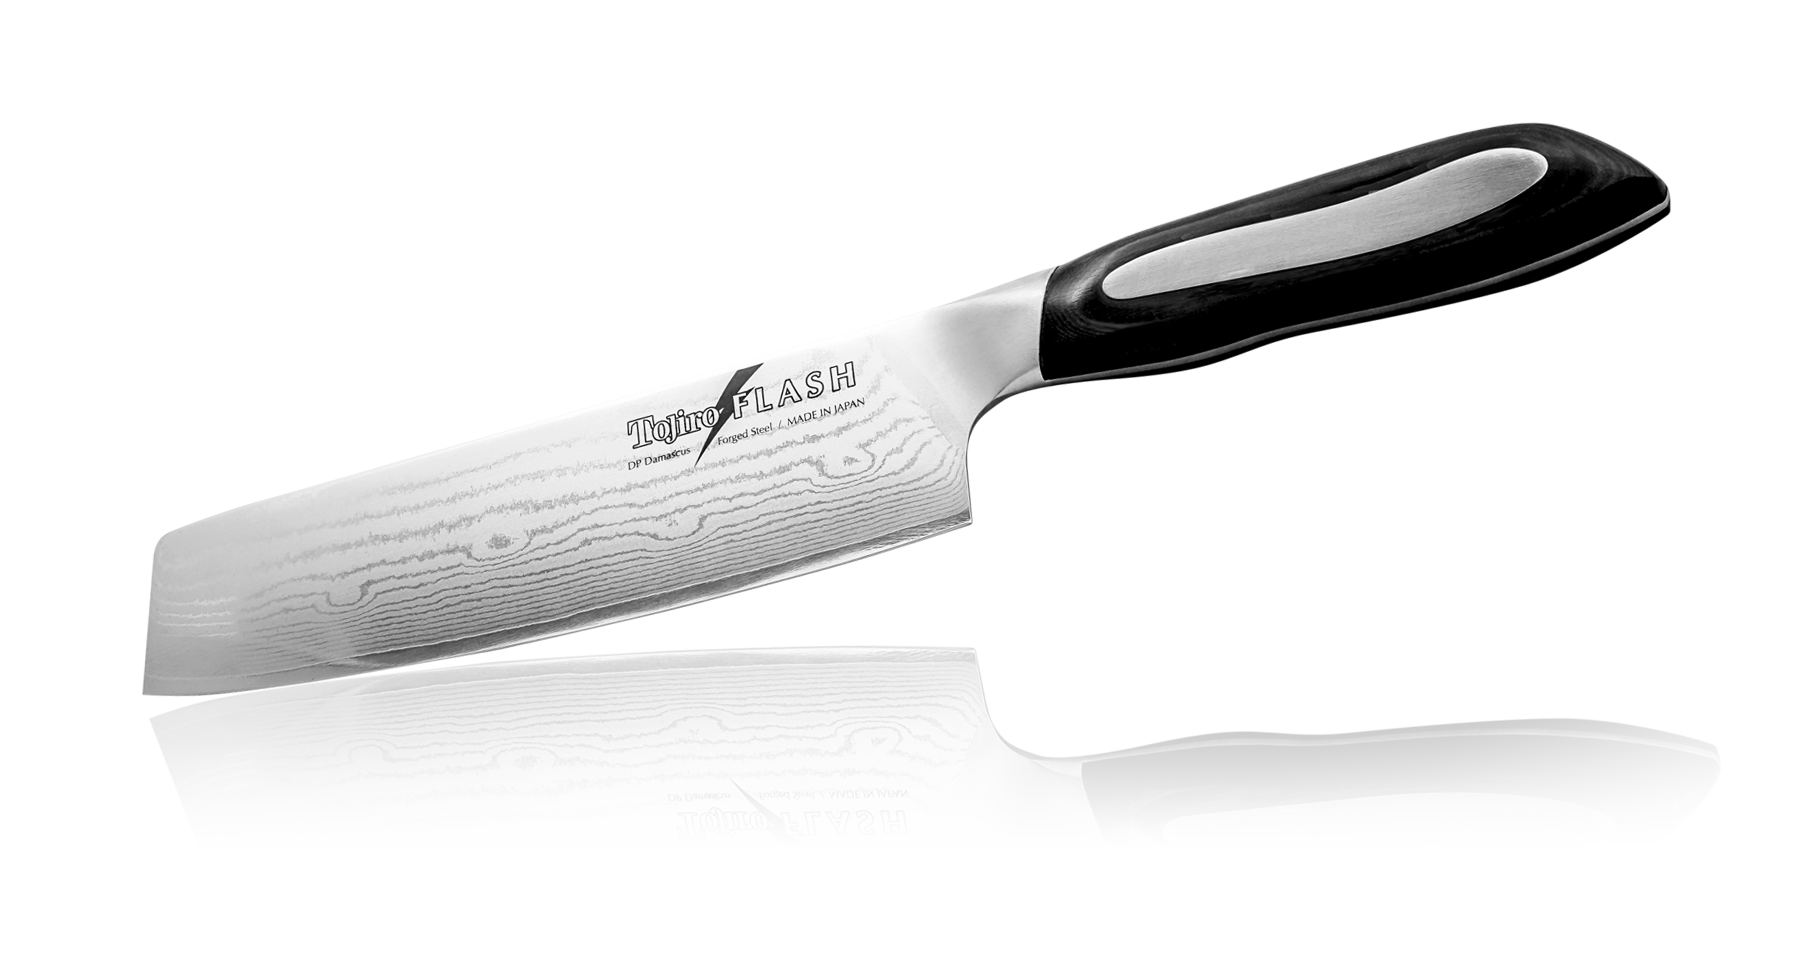 Нож Овощной Tojiro Flash 180 мм, сталь VG-10 нож универсальный tojiro flash 100 мм сталь vg 10